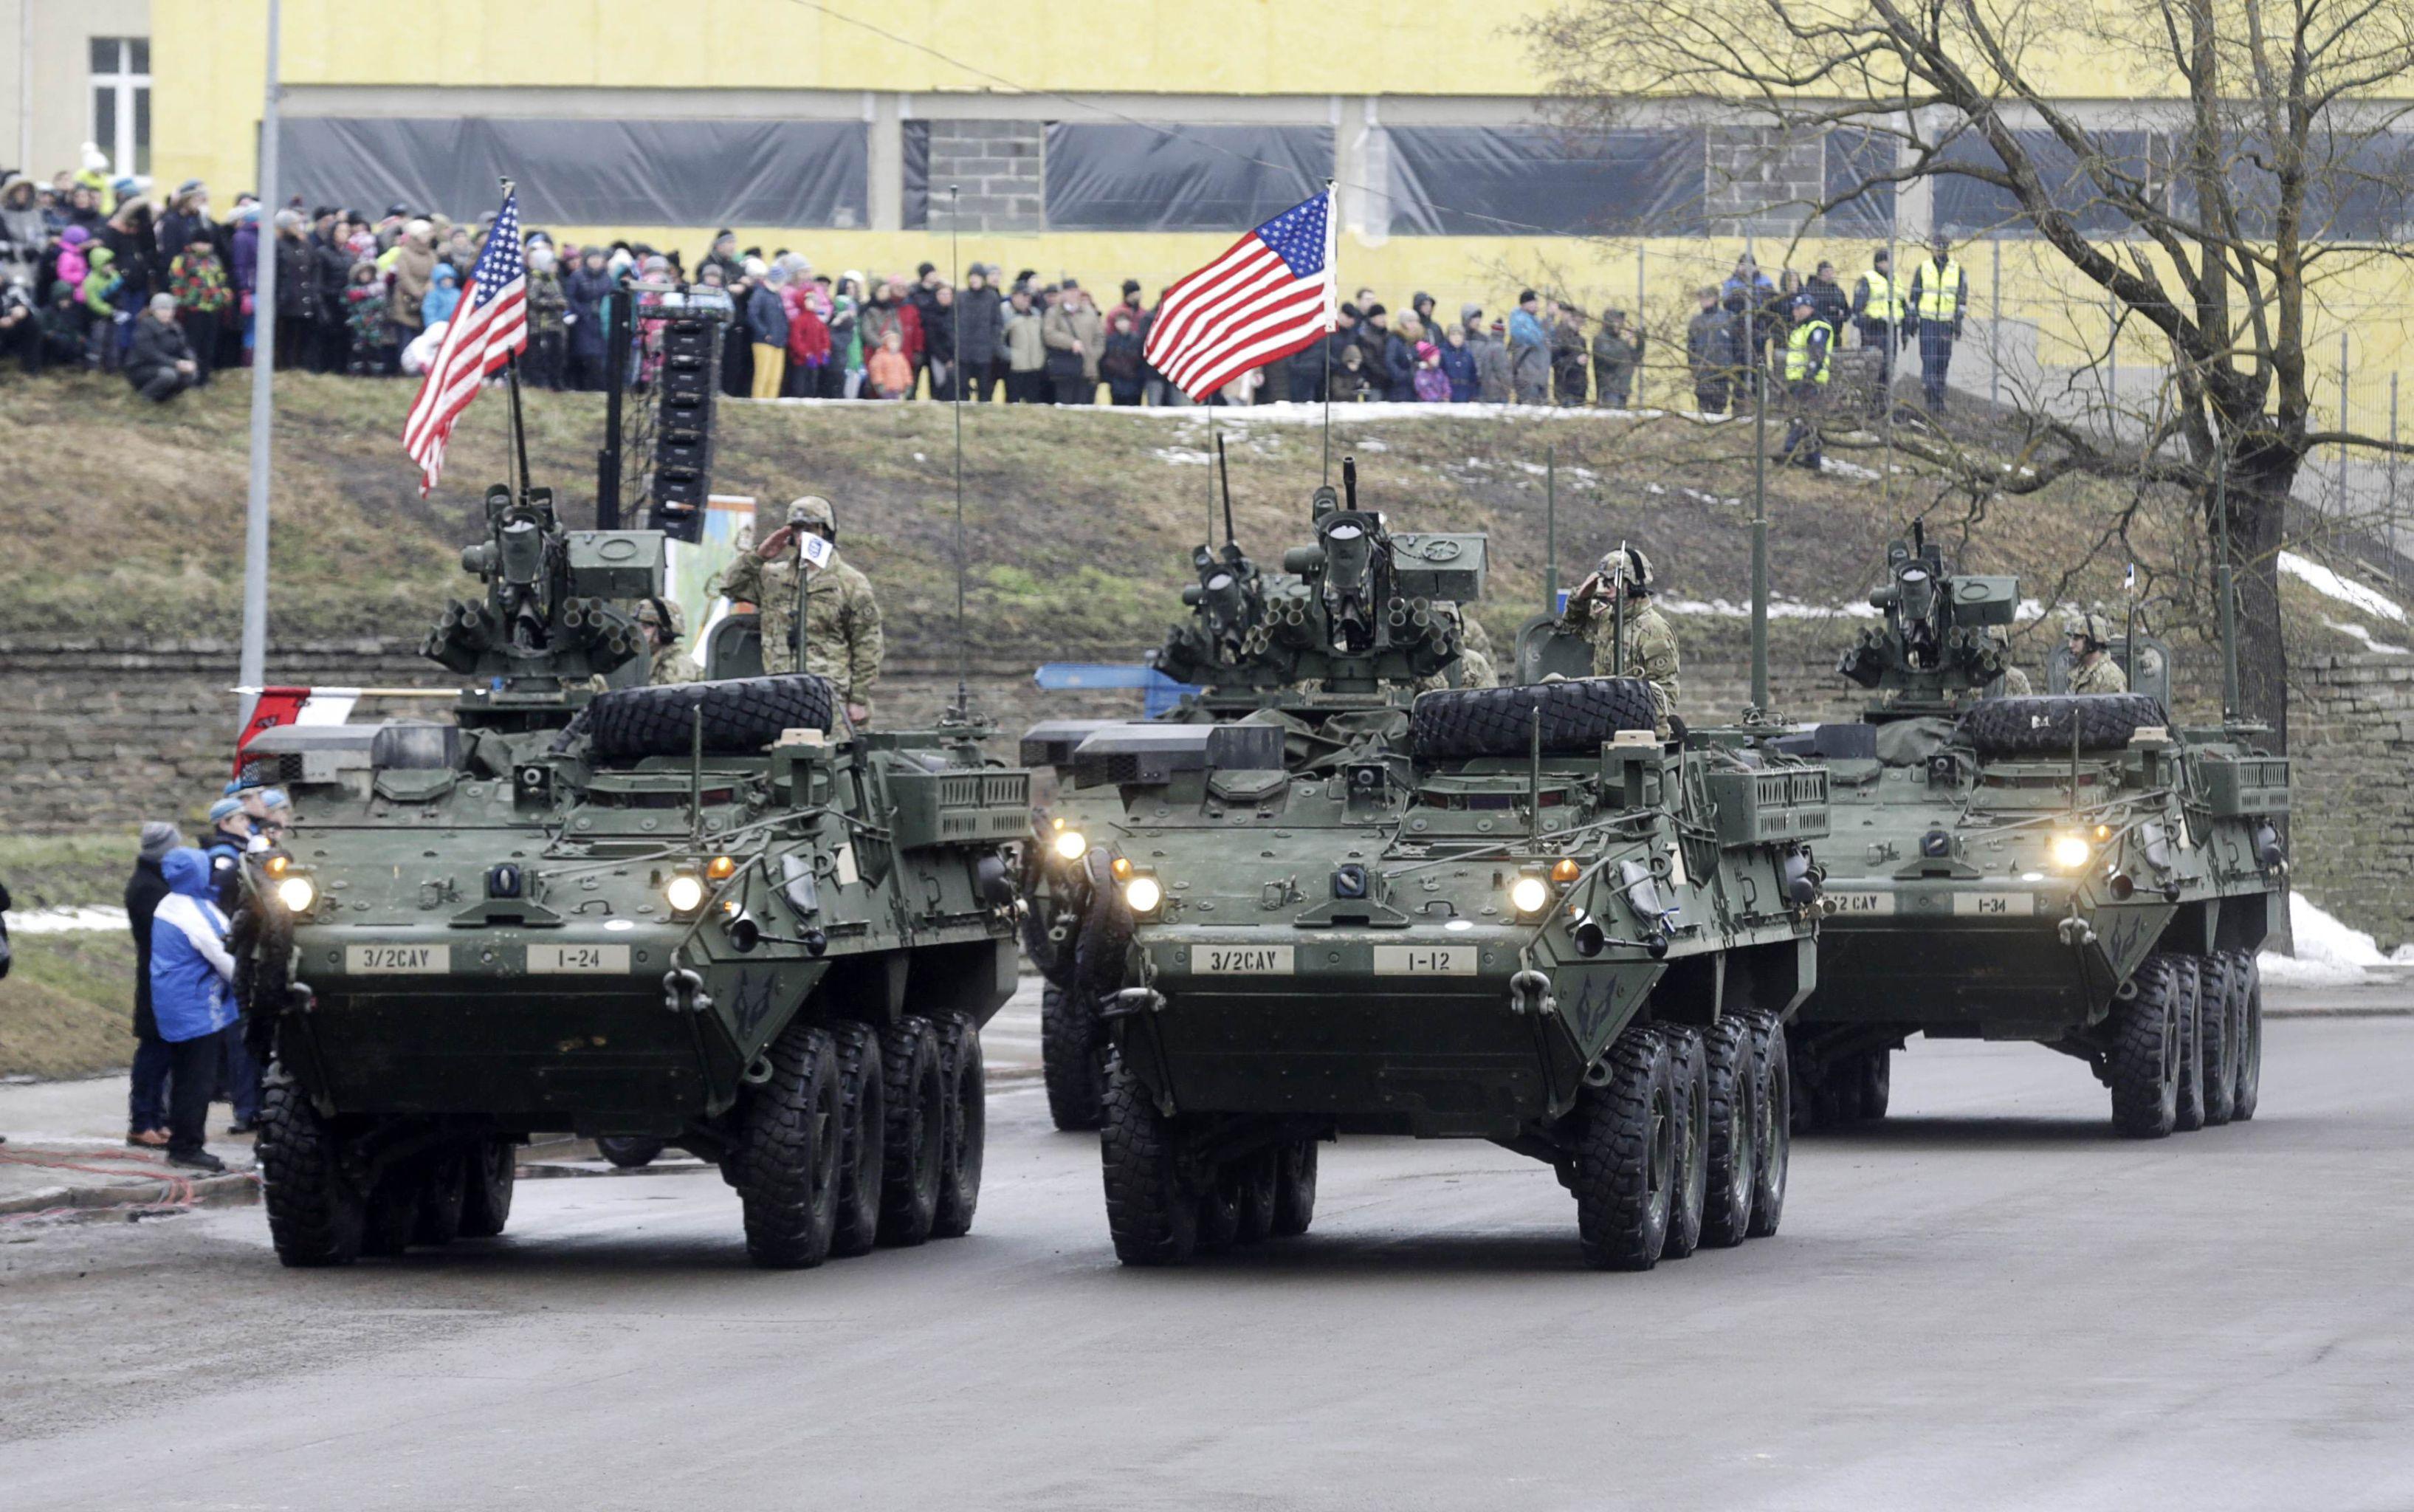 Sfilata dei blindati USA in Estonia